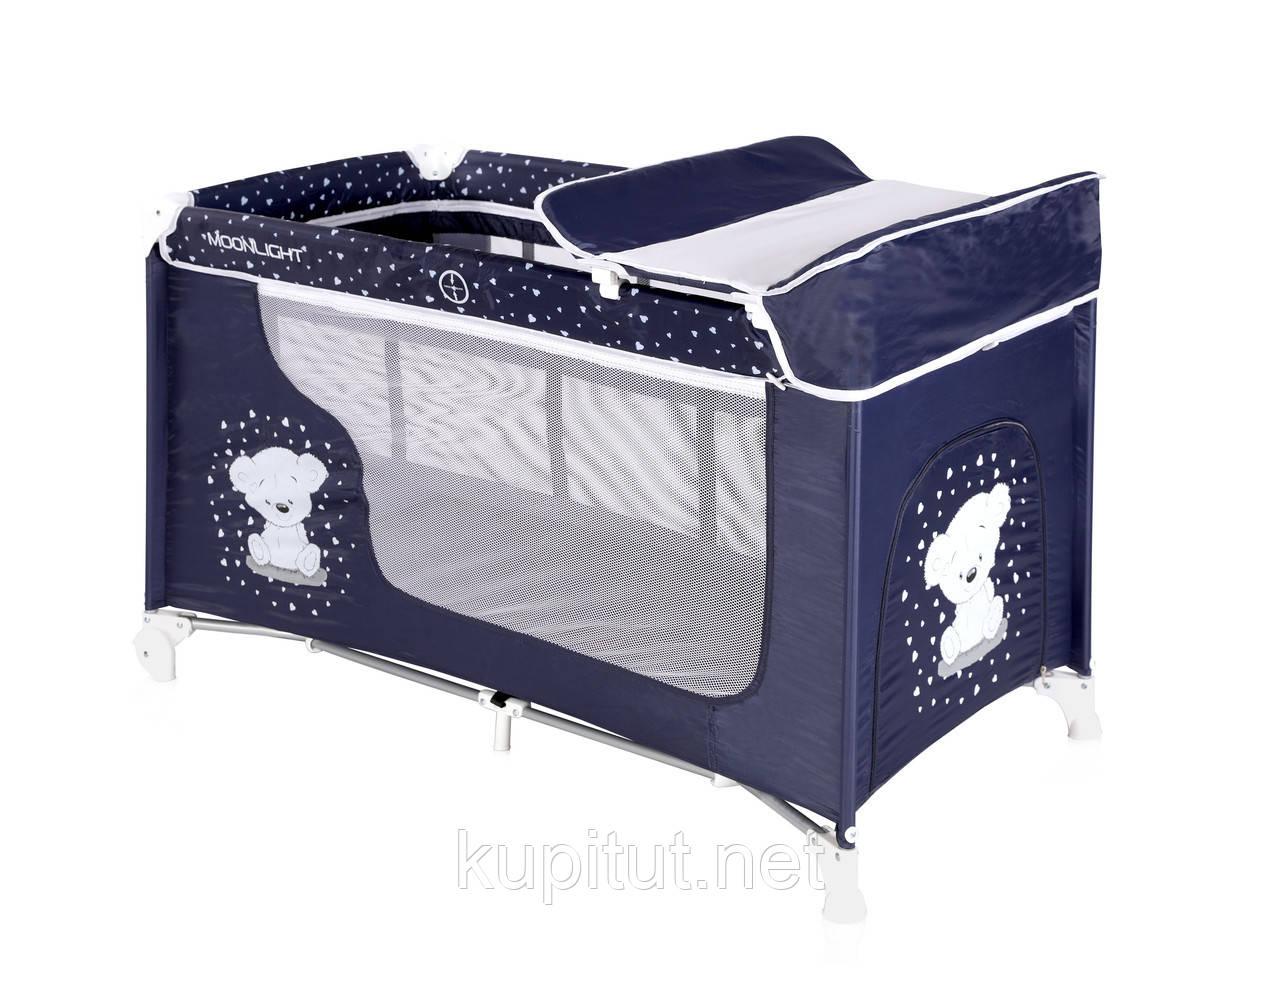 Кровать-манеж LORELLI Moonlight 2